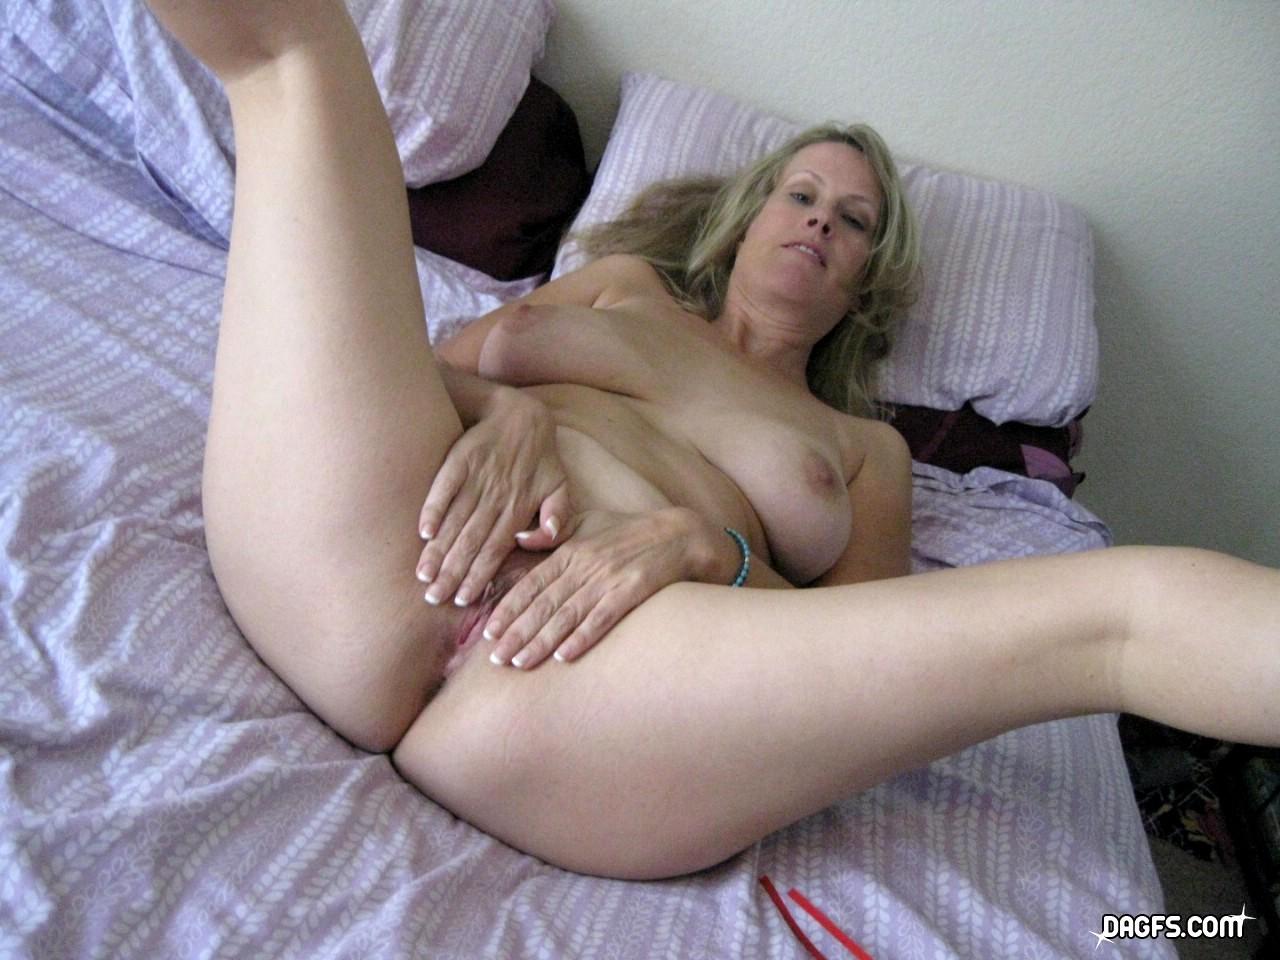 Из уральска девушка казахстан фото видео эротическое порно